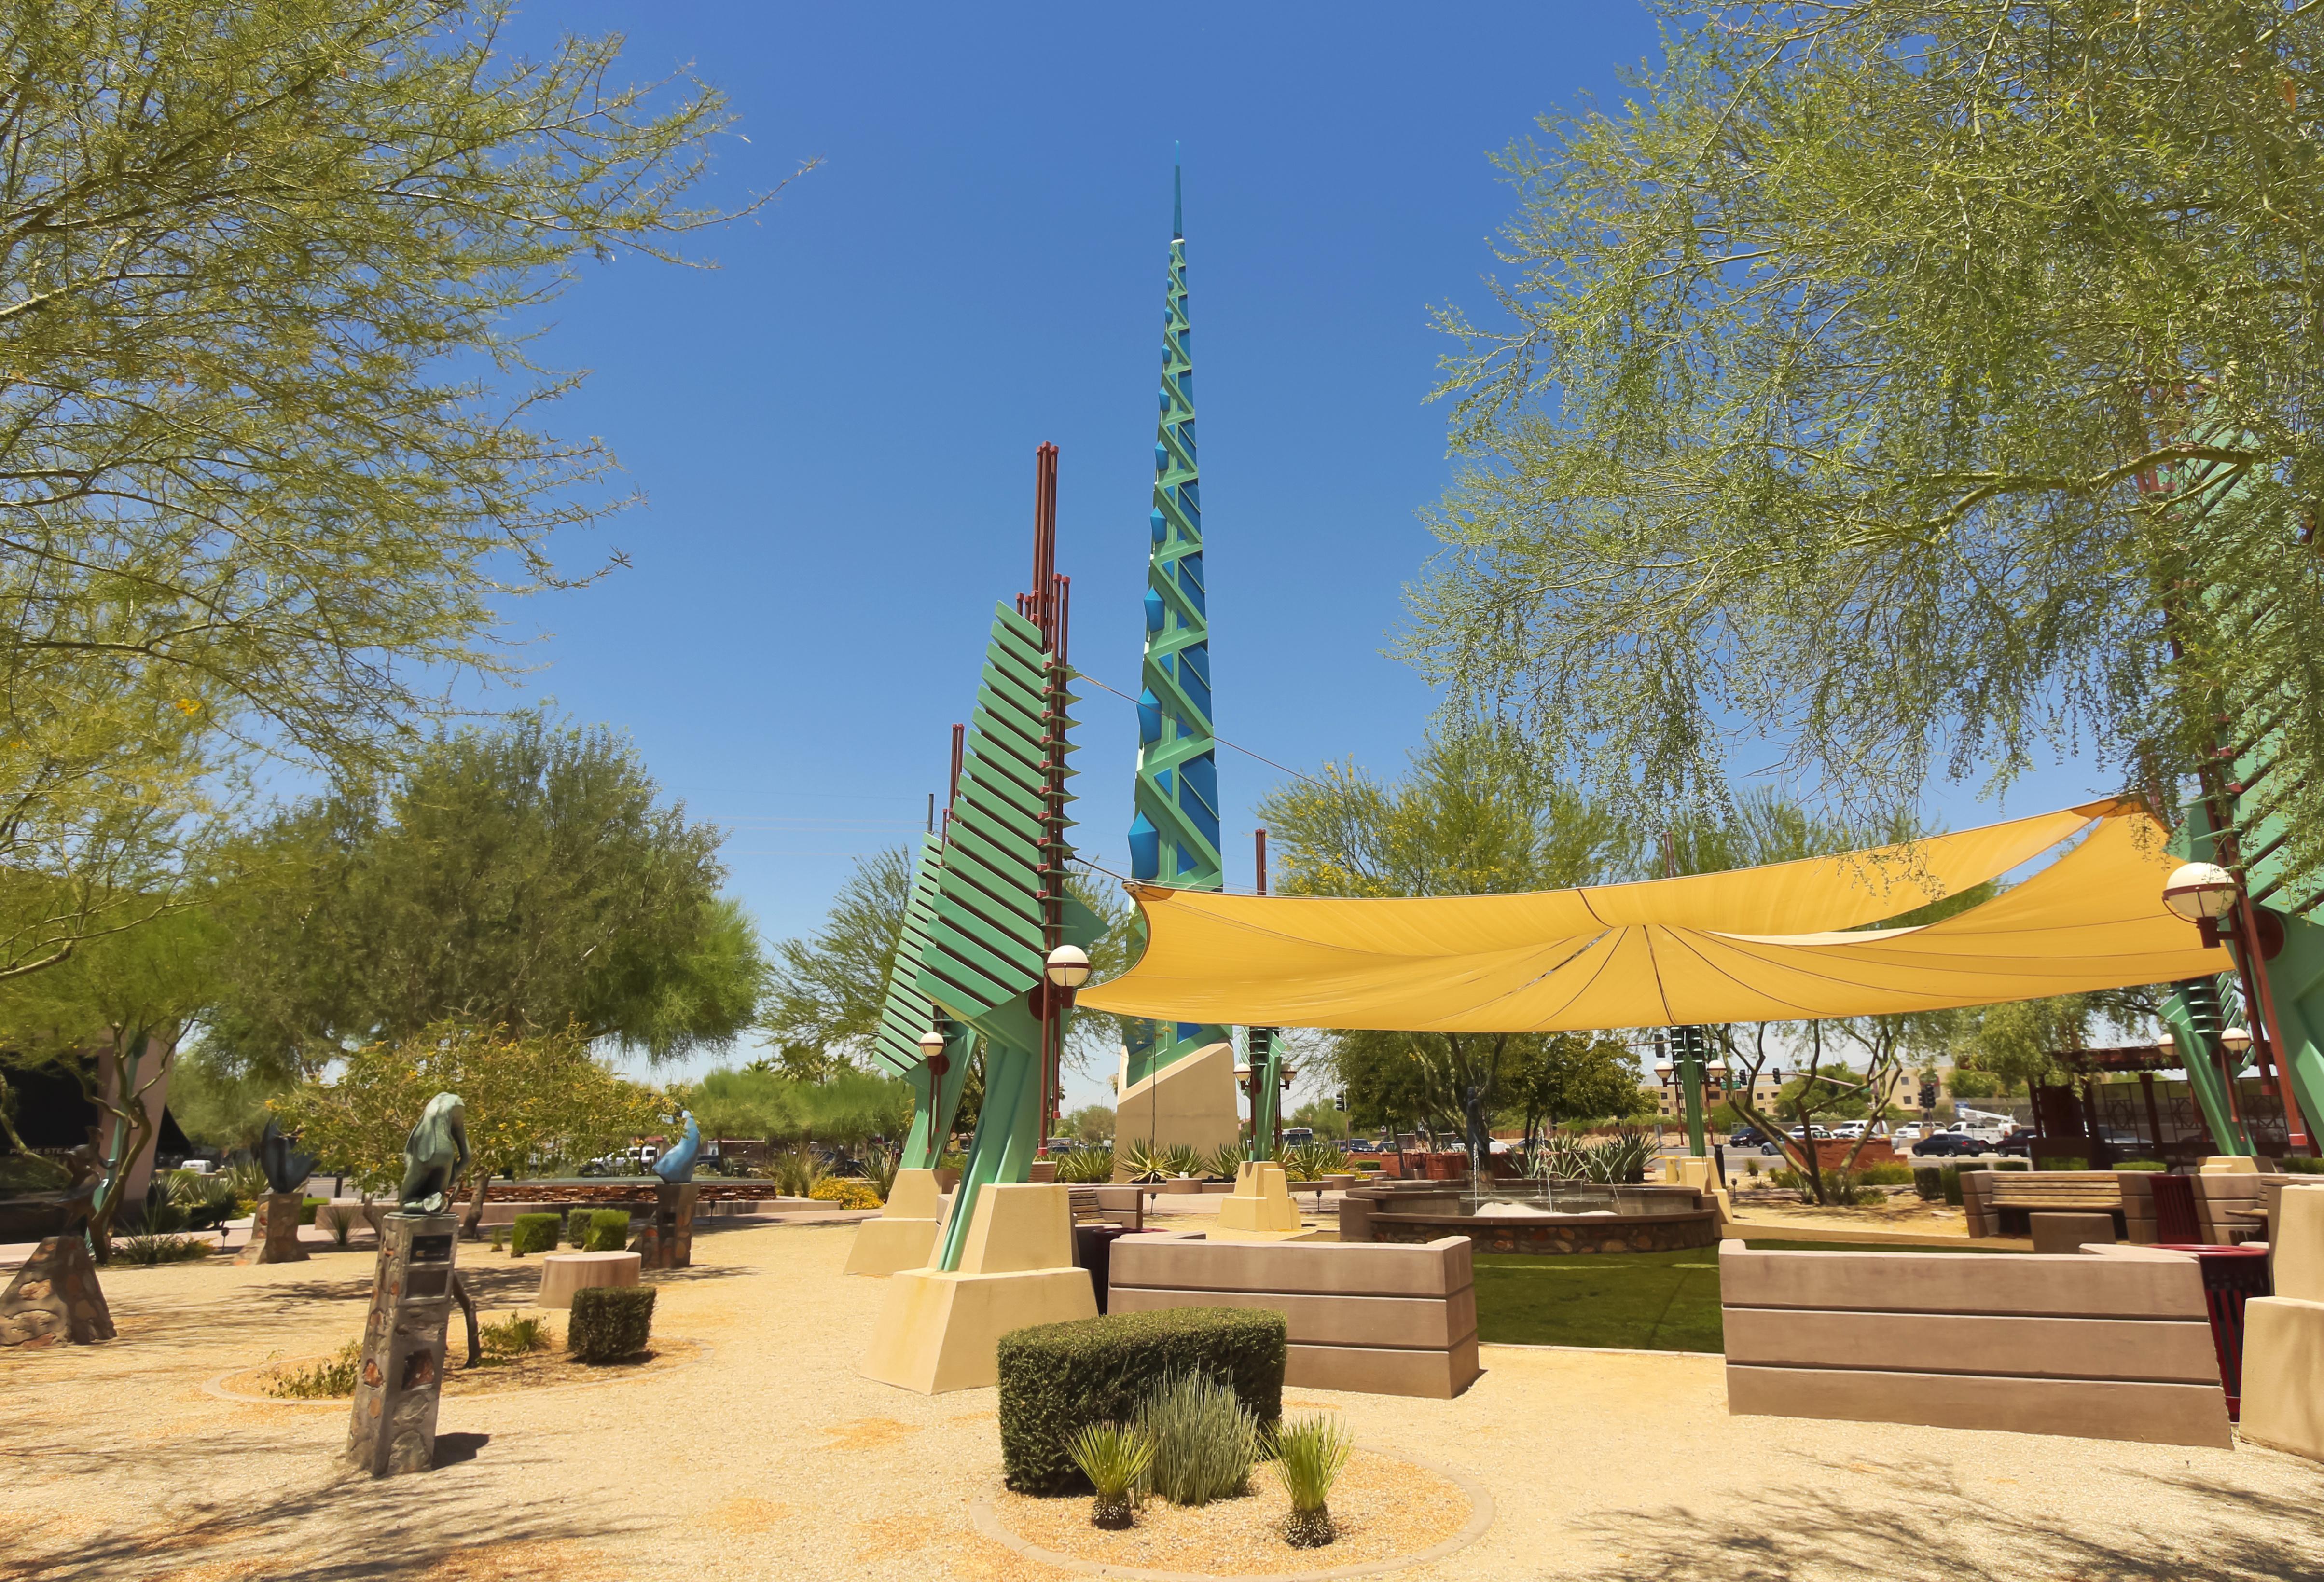 Scottsdale for kids